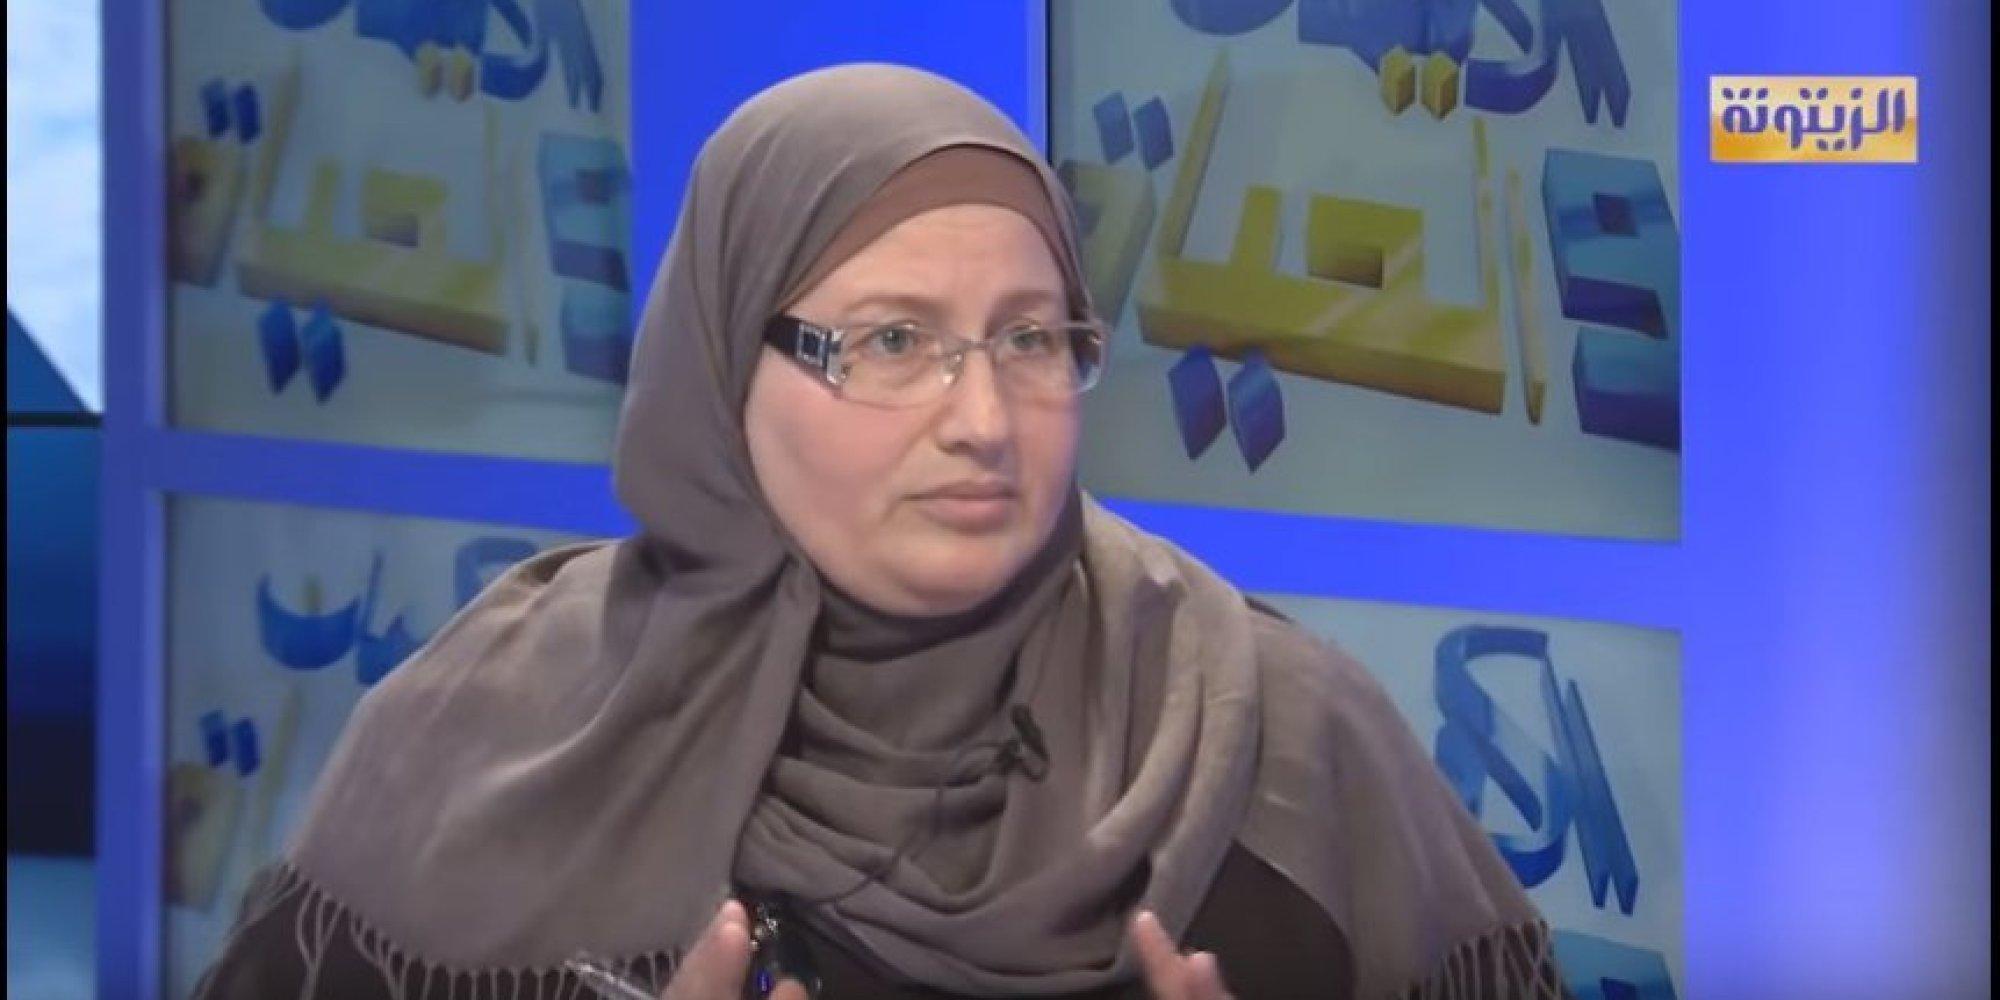 Rencontre entre un homme et une femme islam